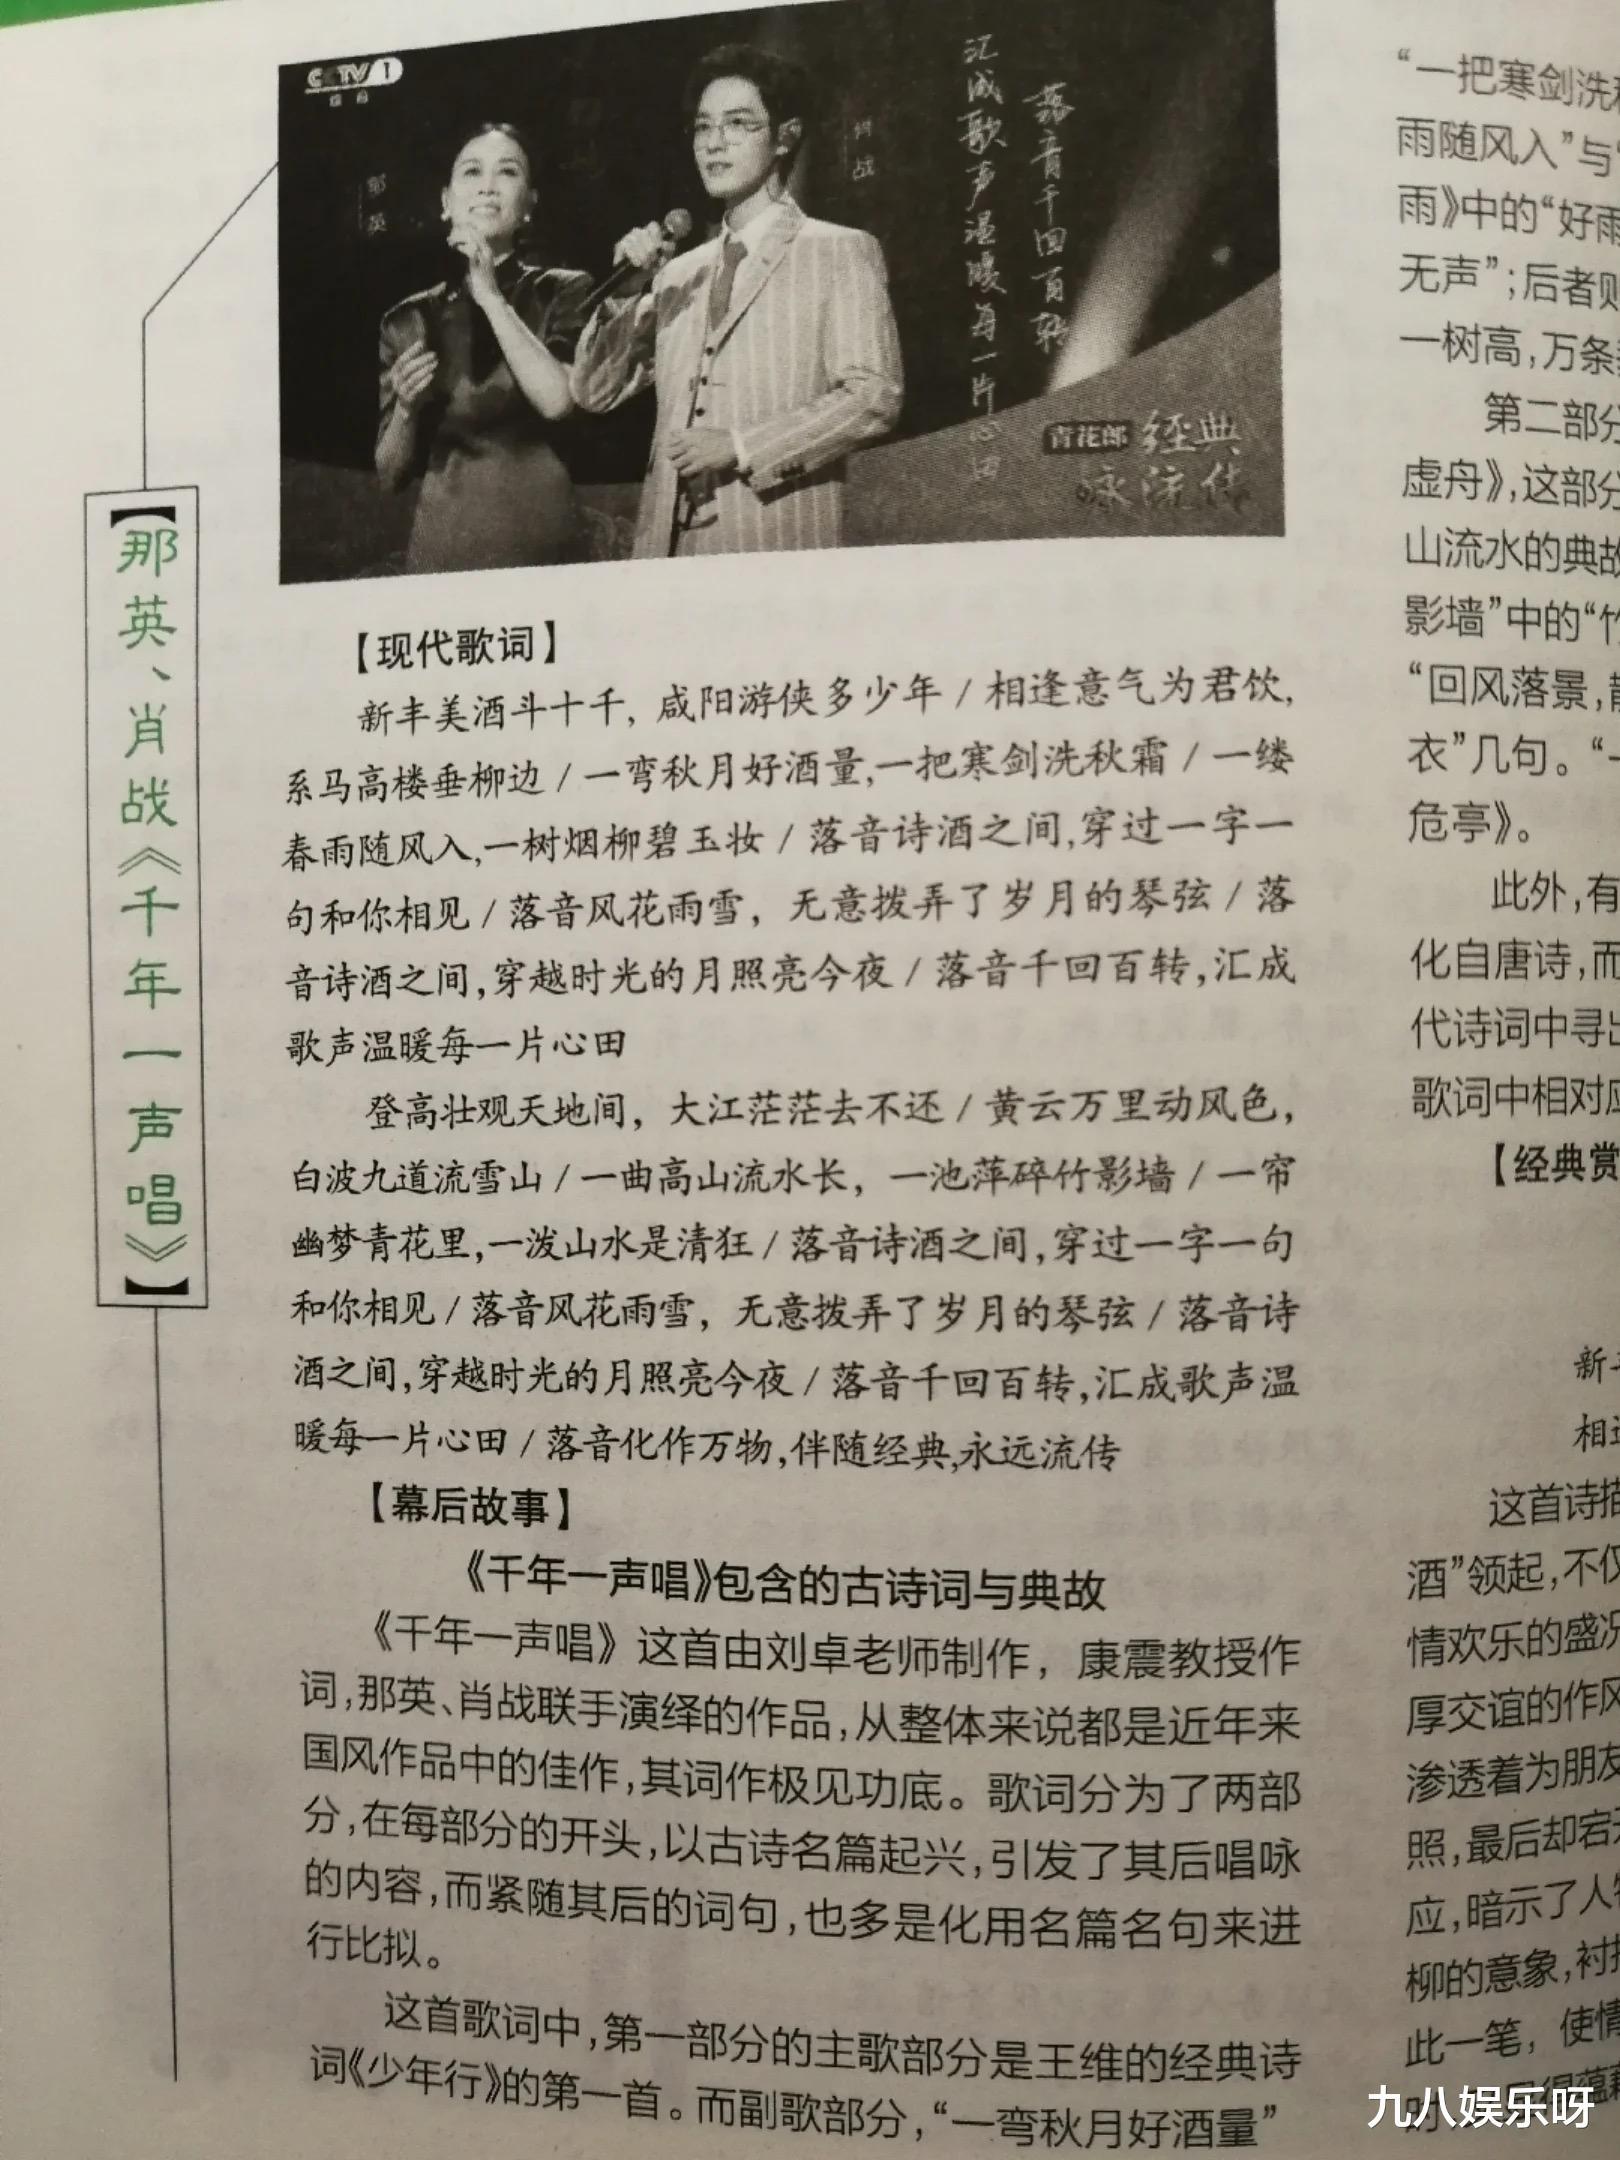 肖戰登《東方文化》周刊, 細節說明問題: 肖戰的身份變瞭-圖2